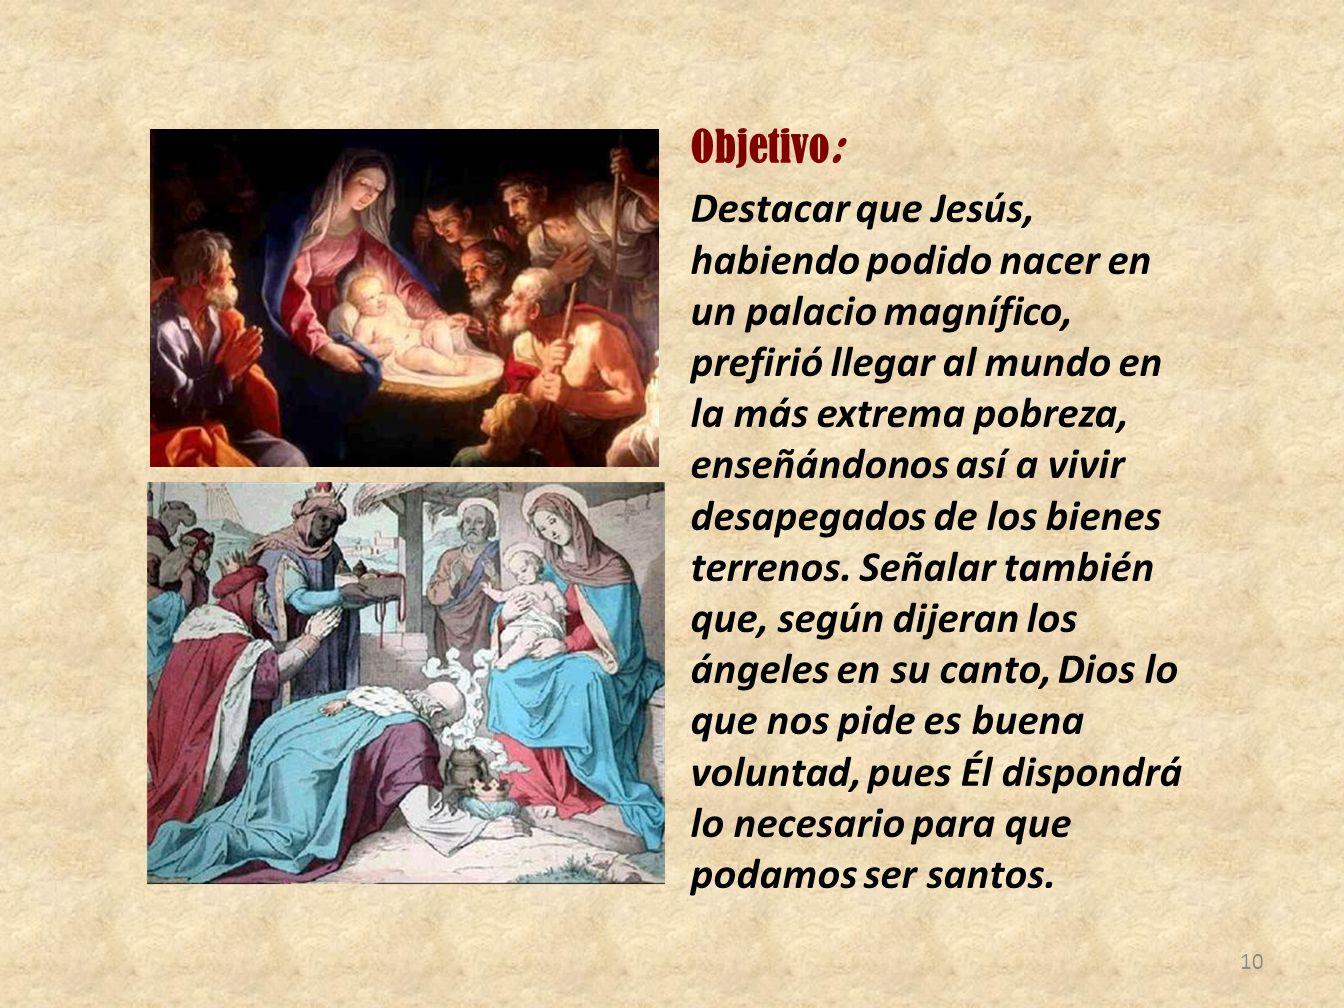 Objetivo: Destacar que Jesús, habiendo podido nacer en un palacio magnífico, prefirió llegar al mundo en la más extrema pobreza, enseñándonos así a vi